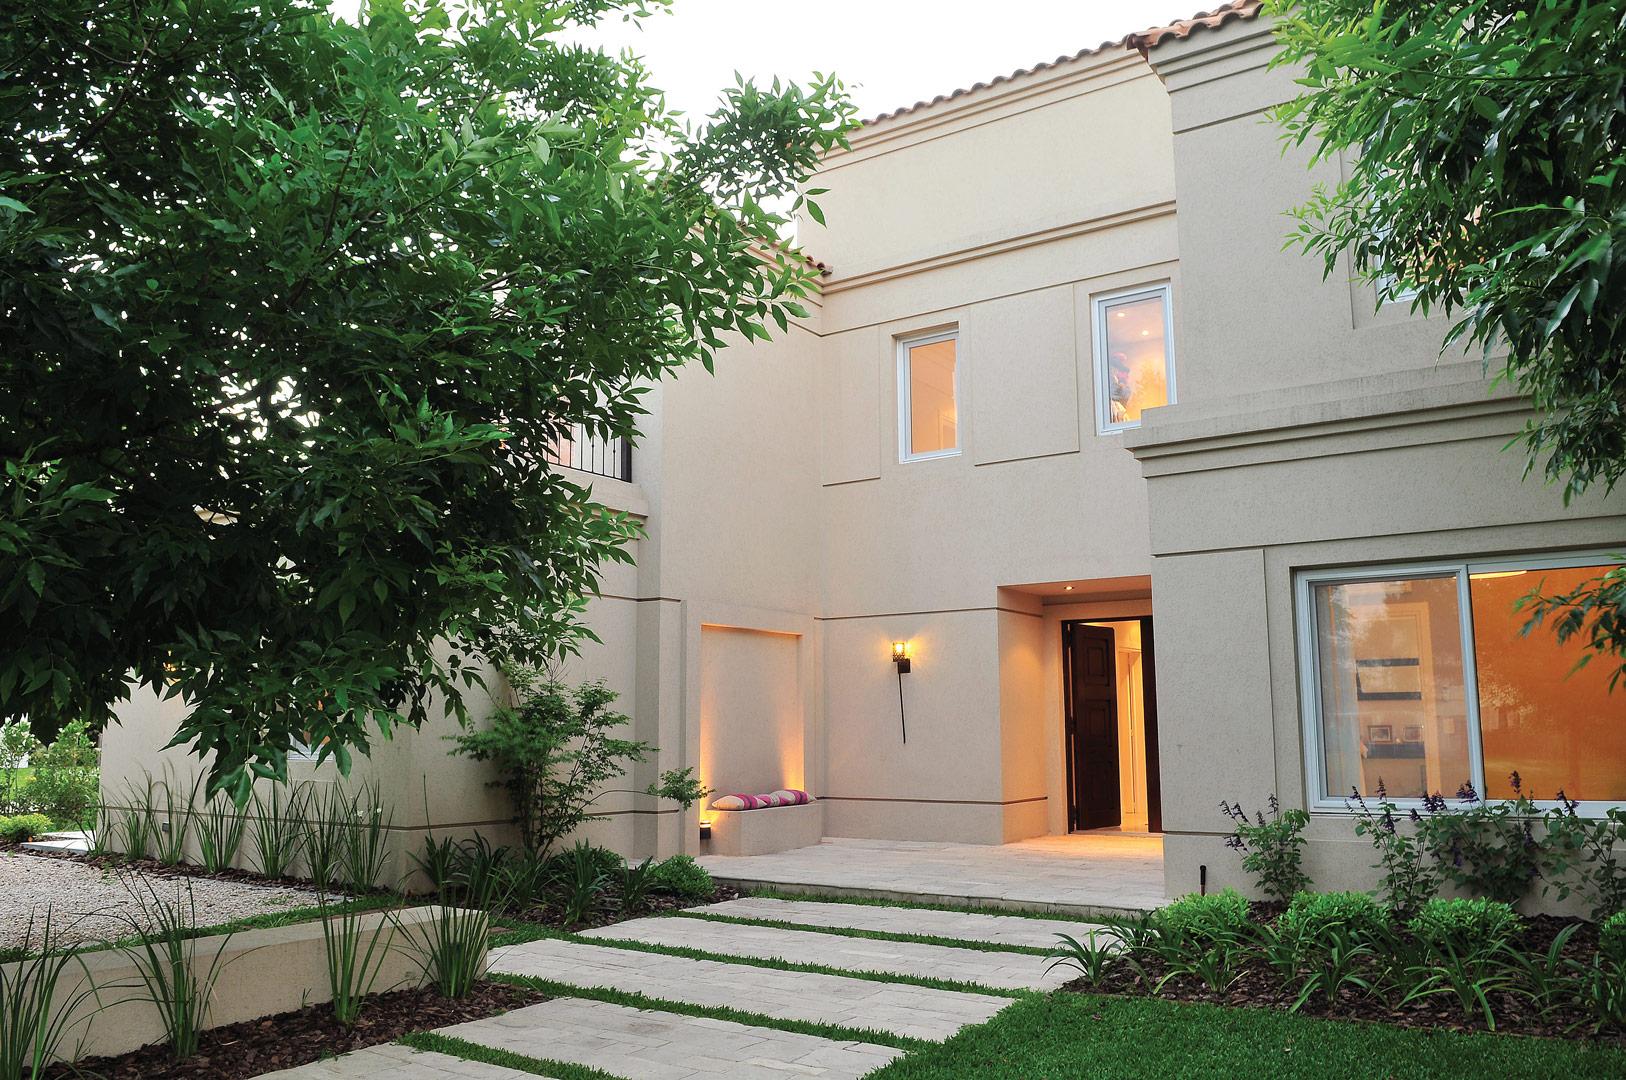 Galeria fotos junor arquitectos casa estilo clasica - Casas de estilo italiano ...